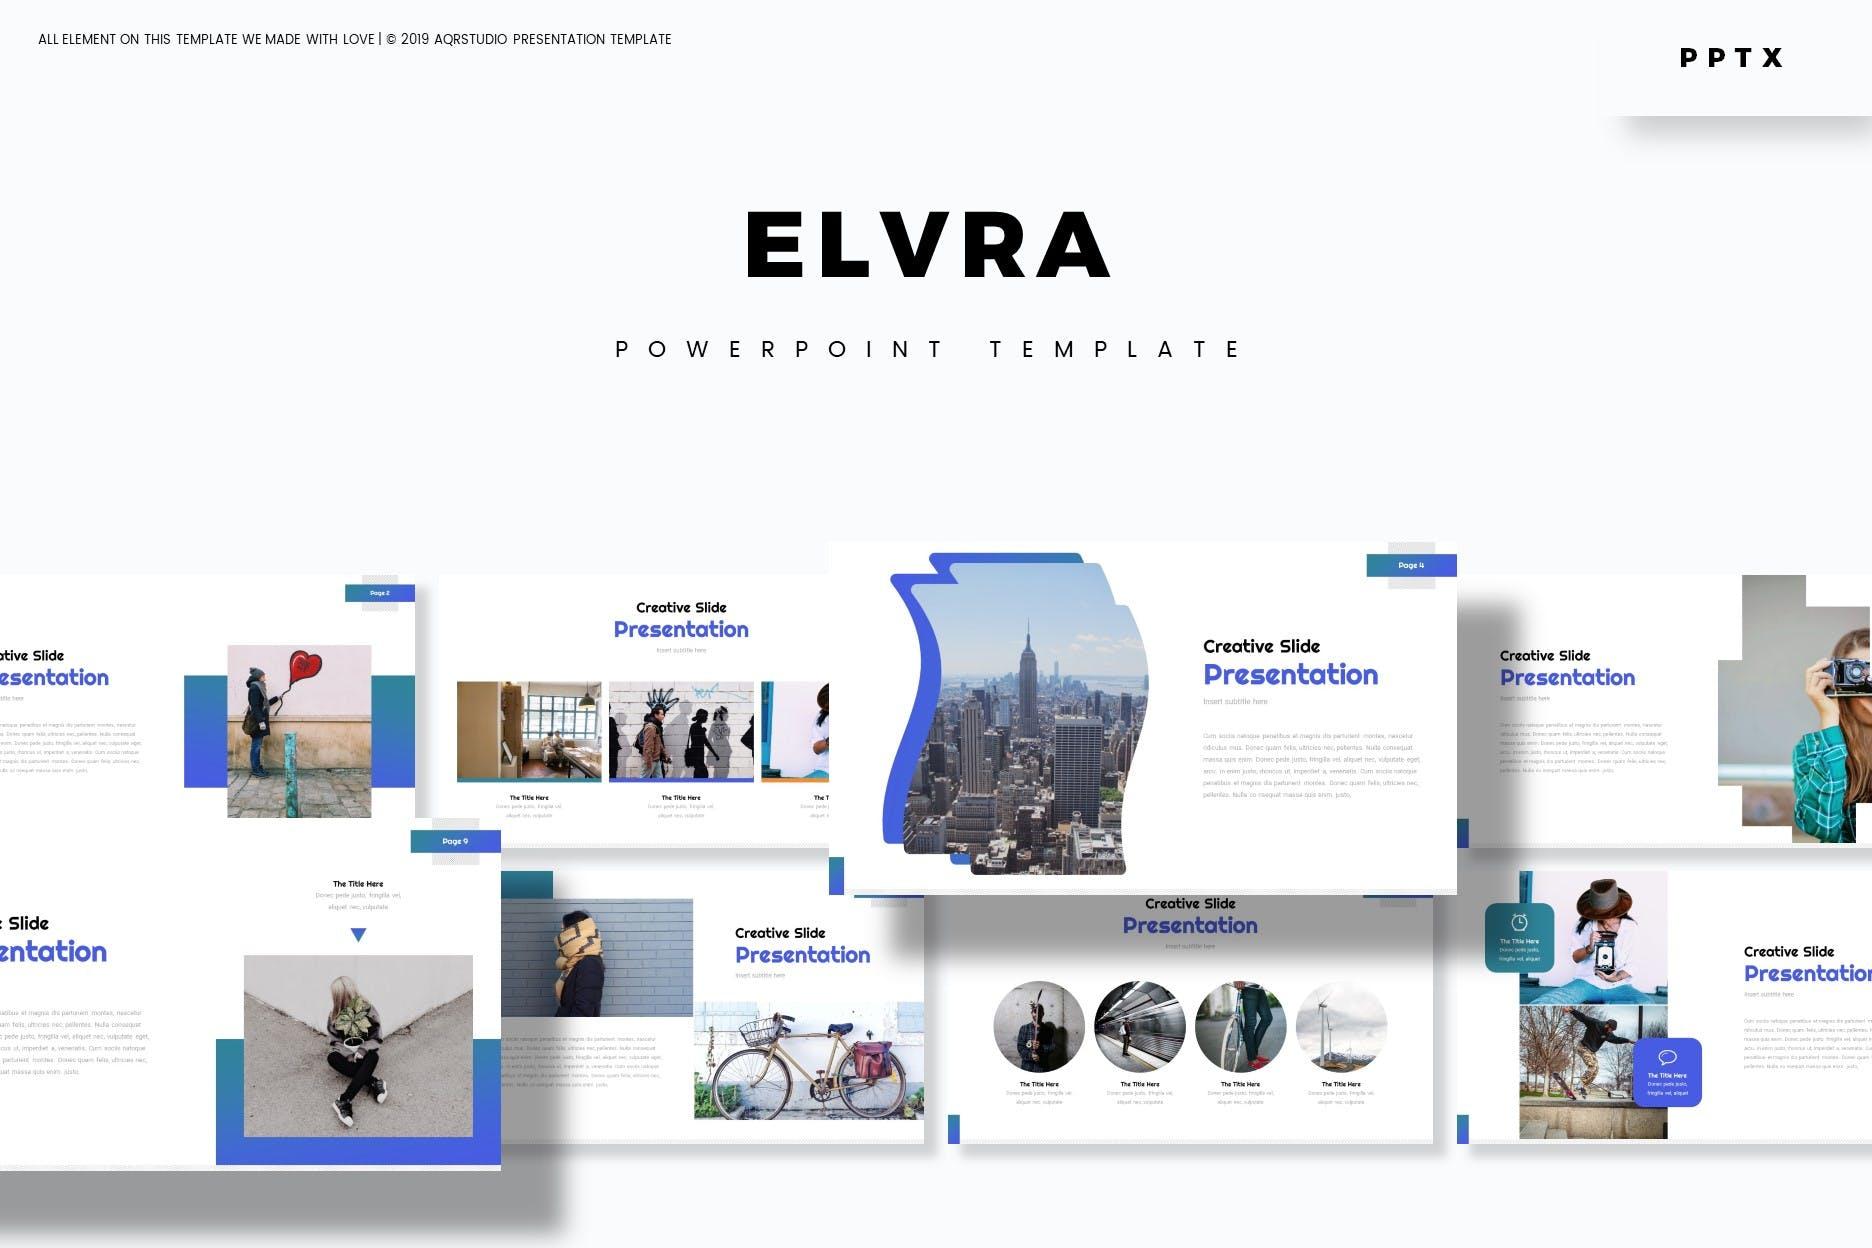 创意信息图表主题风格PPT幻灯片模板 Elvra – Powerpoint Template设计素材模板